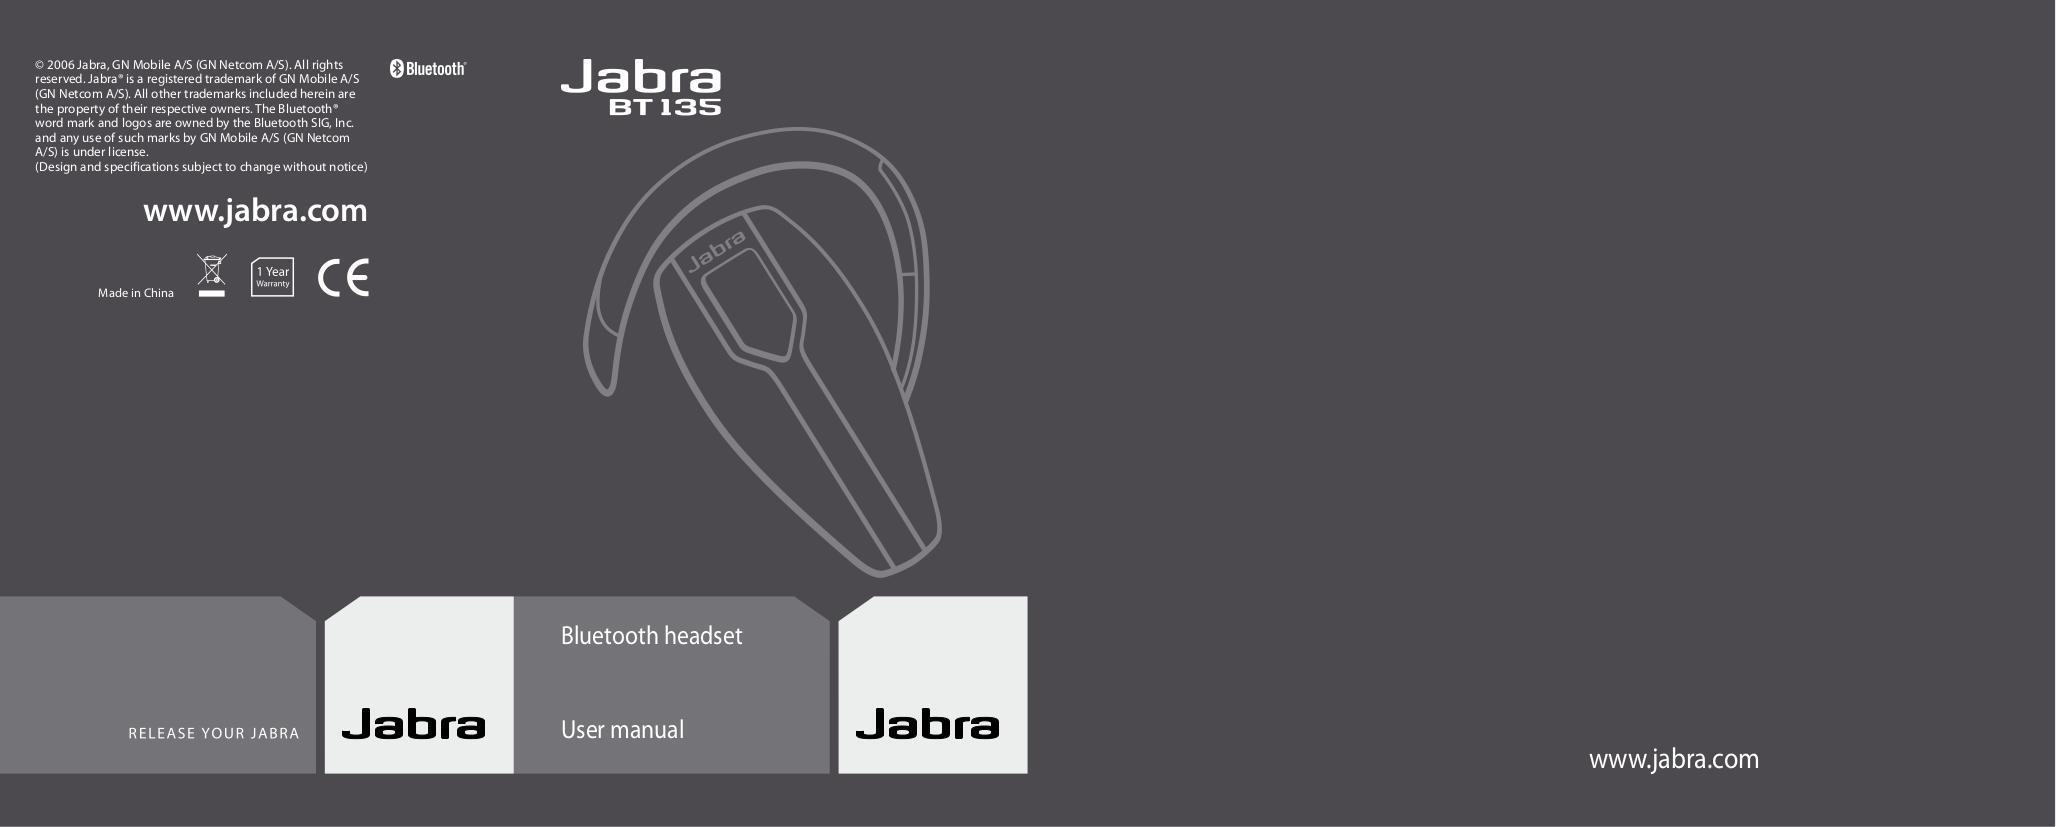 Bt135 jabra инструкция.